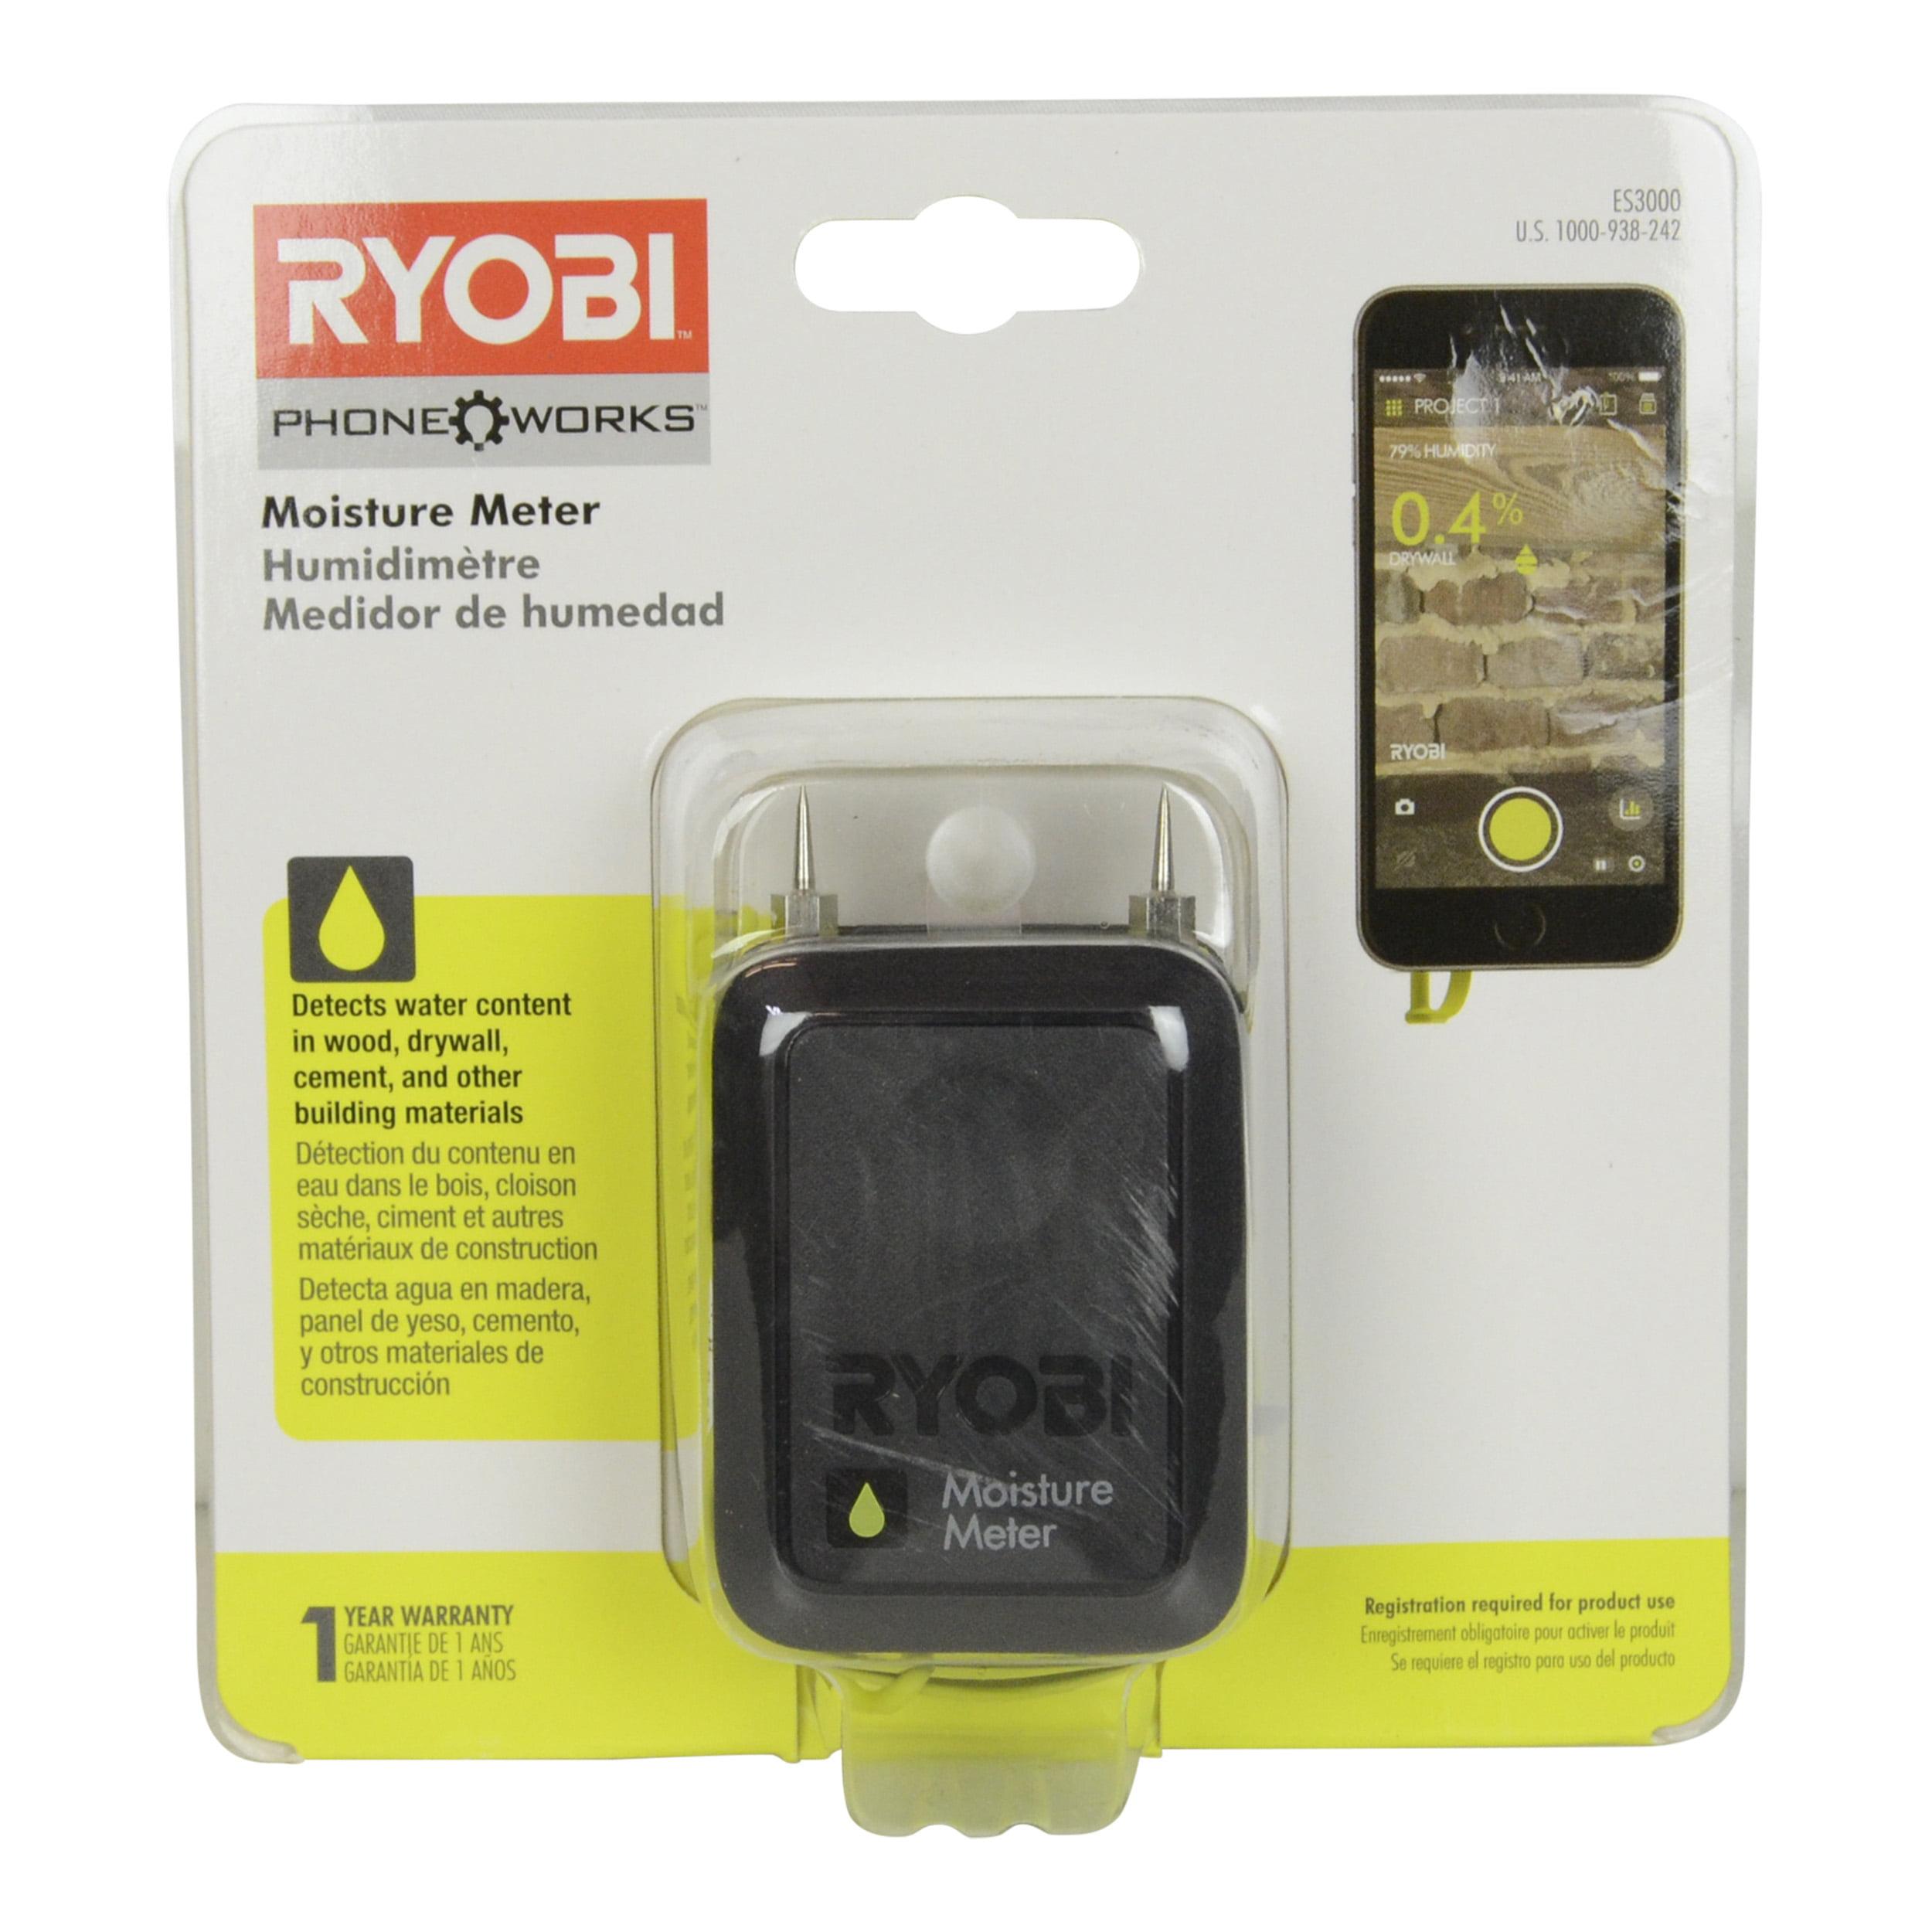 Ryobi Tools ES3000 Phone Works Moisture Meter by